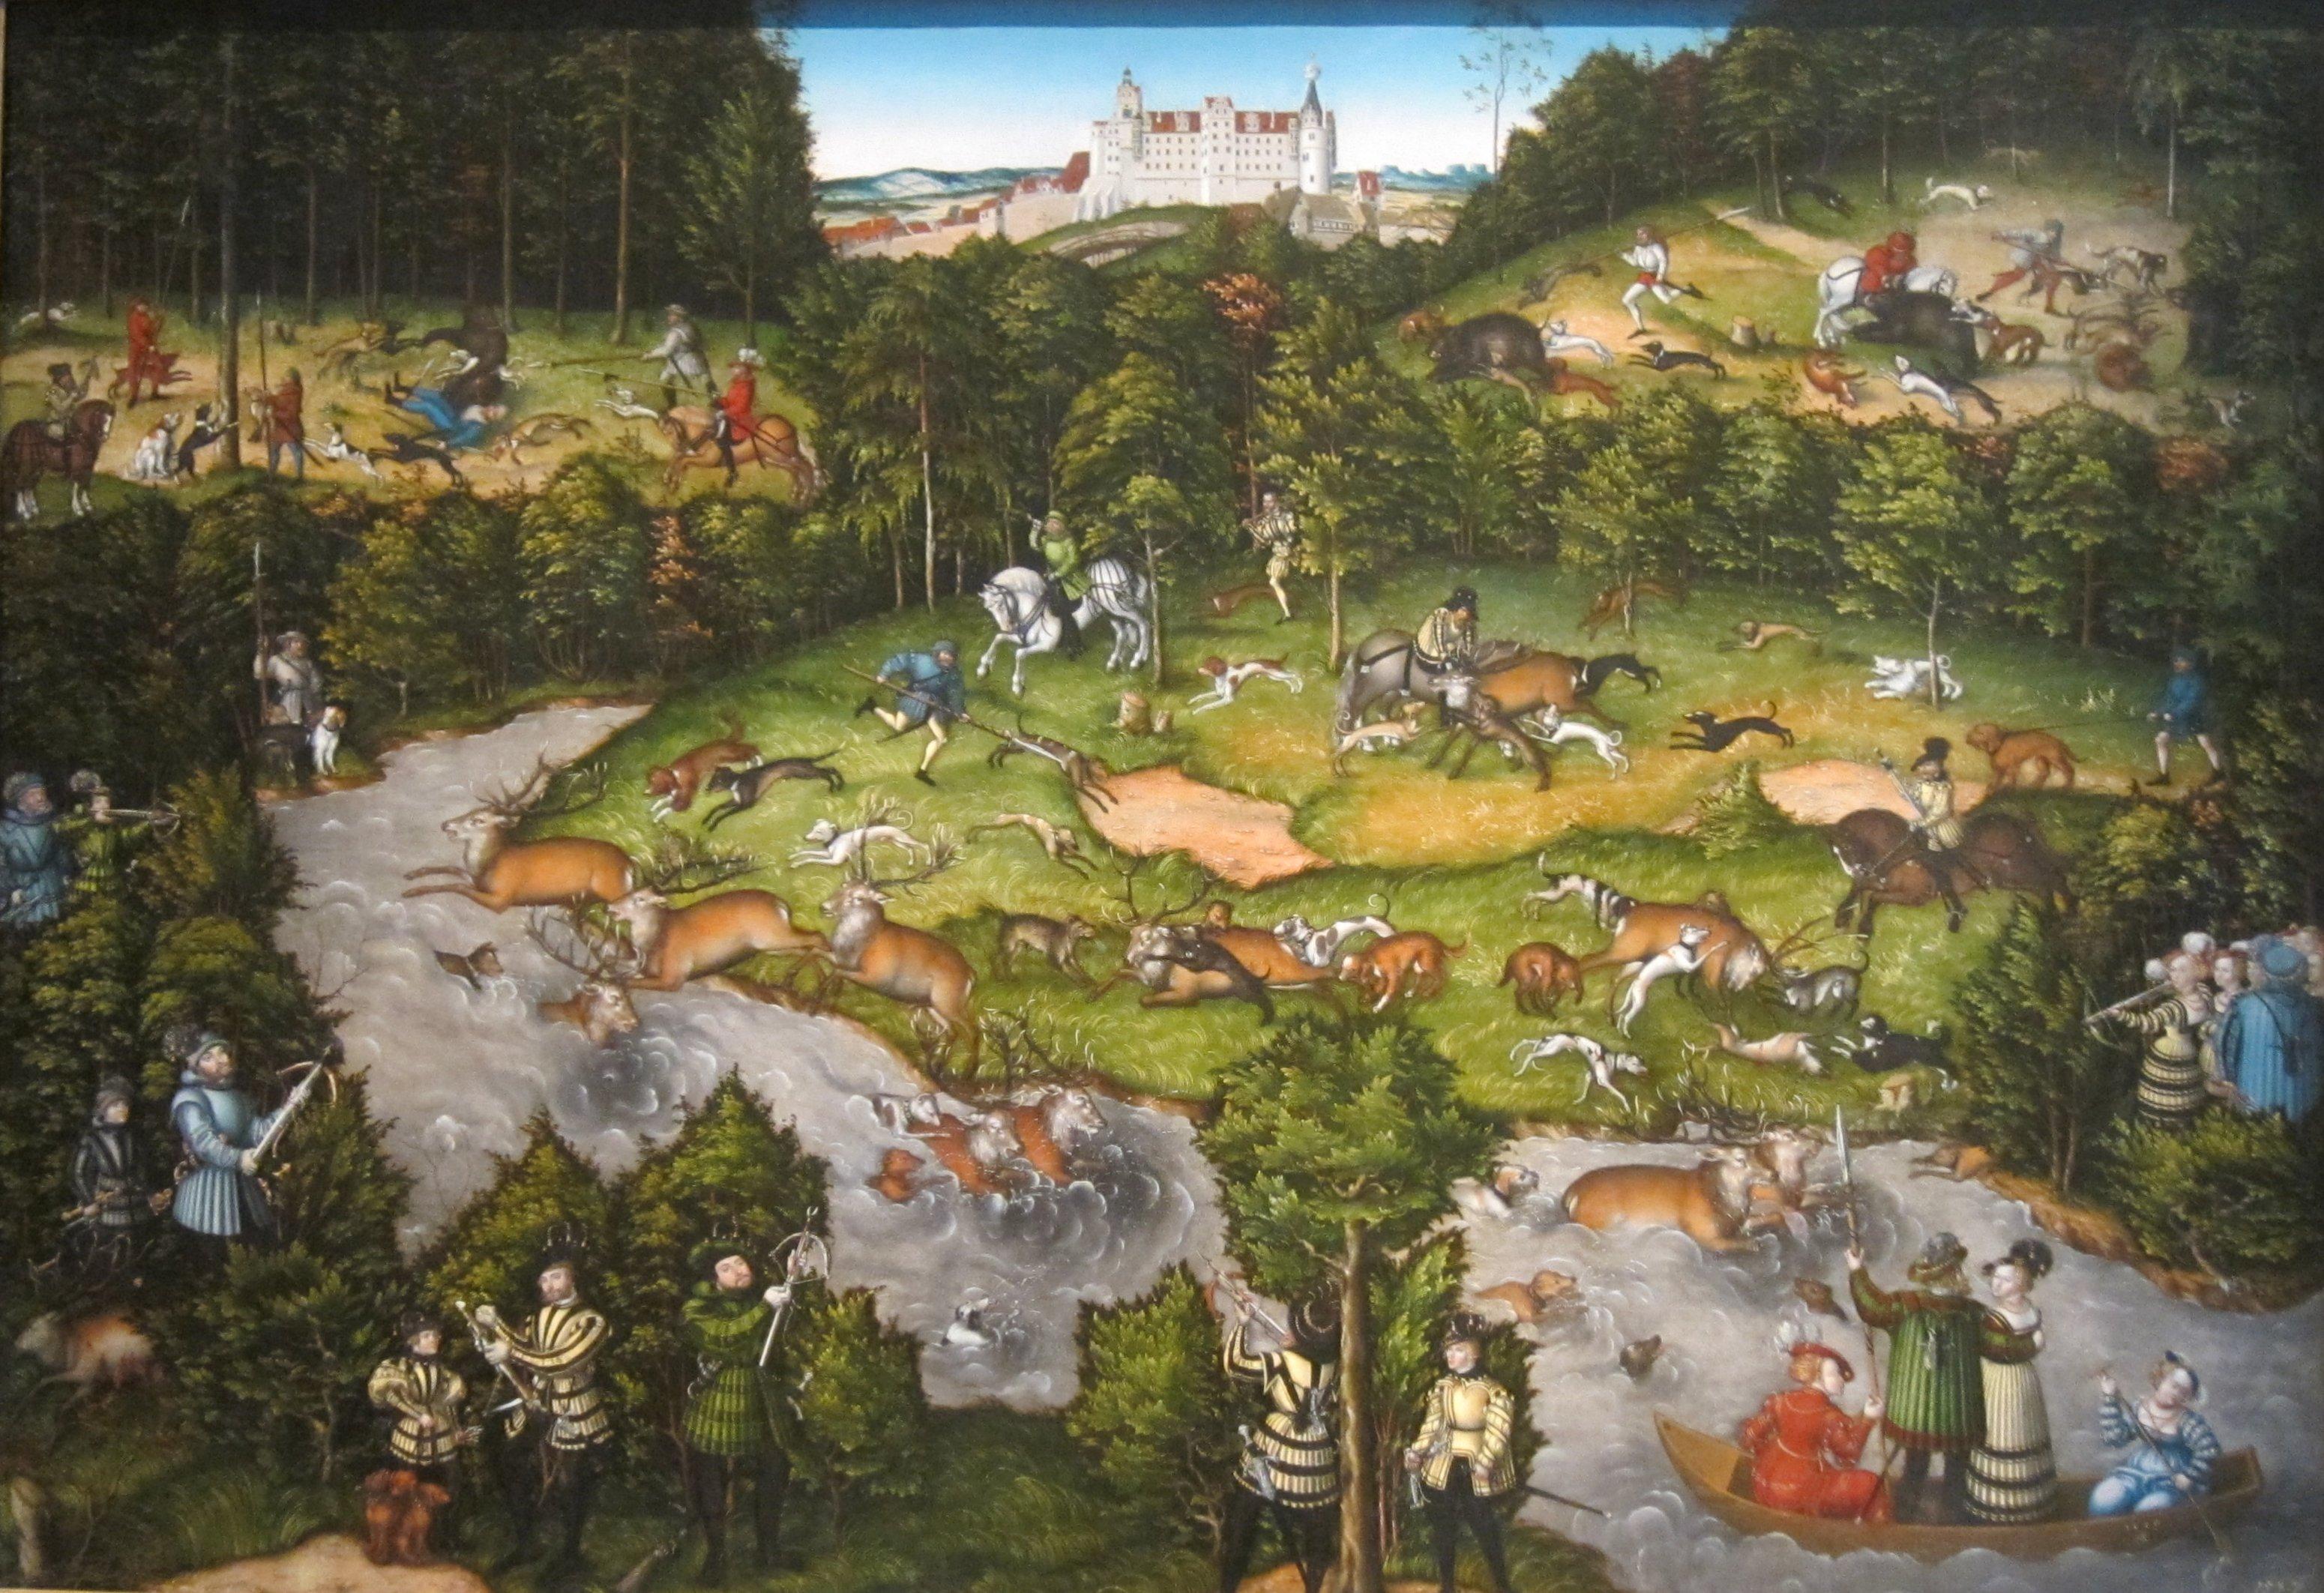 File:Die-Hirschjagd-1540.jpg